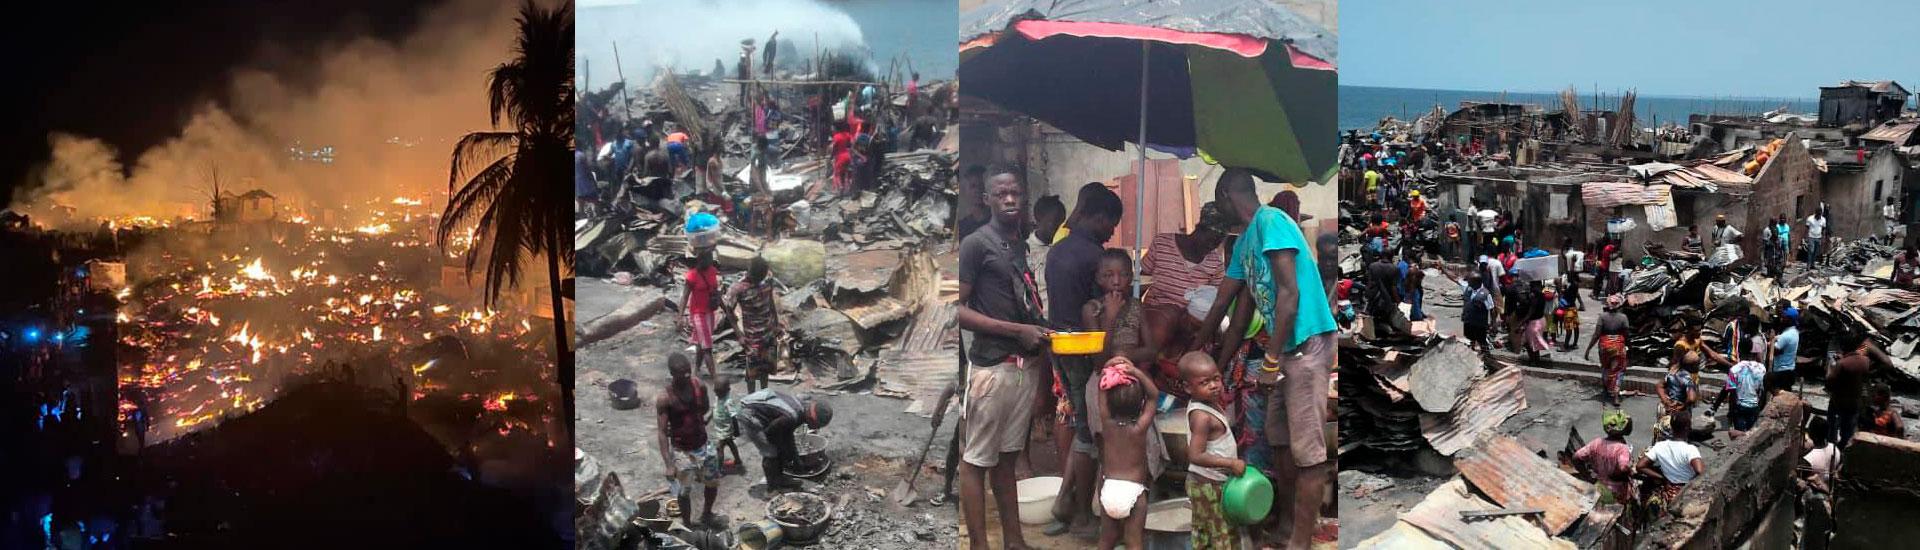 Ayuda urgente para cientos de menores que han perdido su hogar en el incendio de un suburbio en Freetown